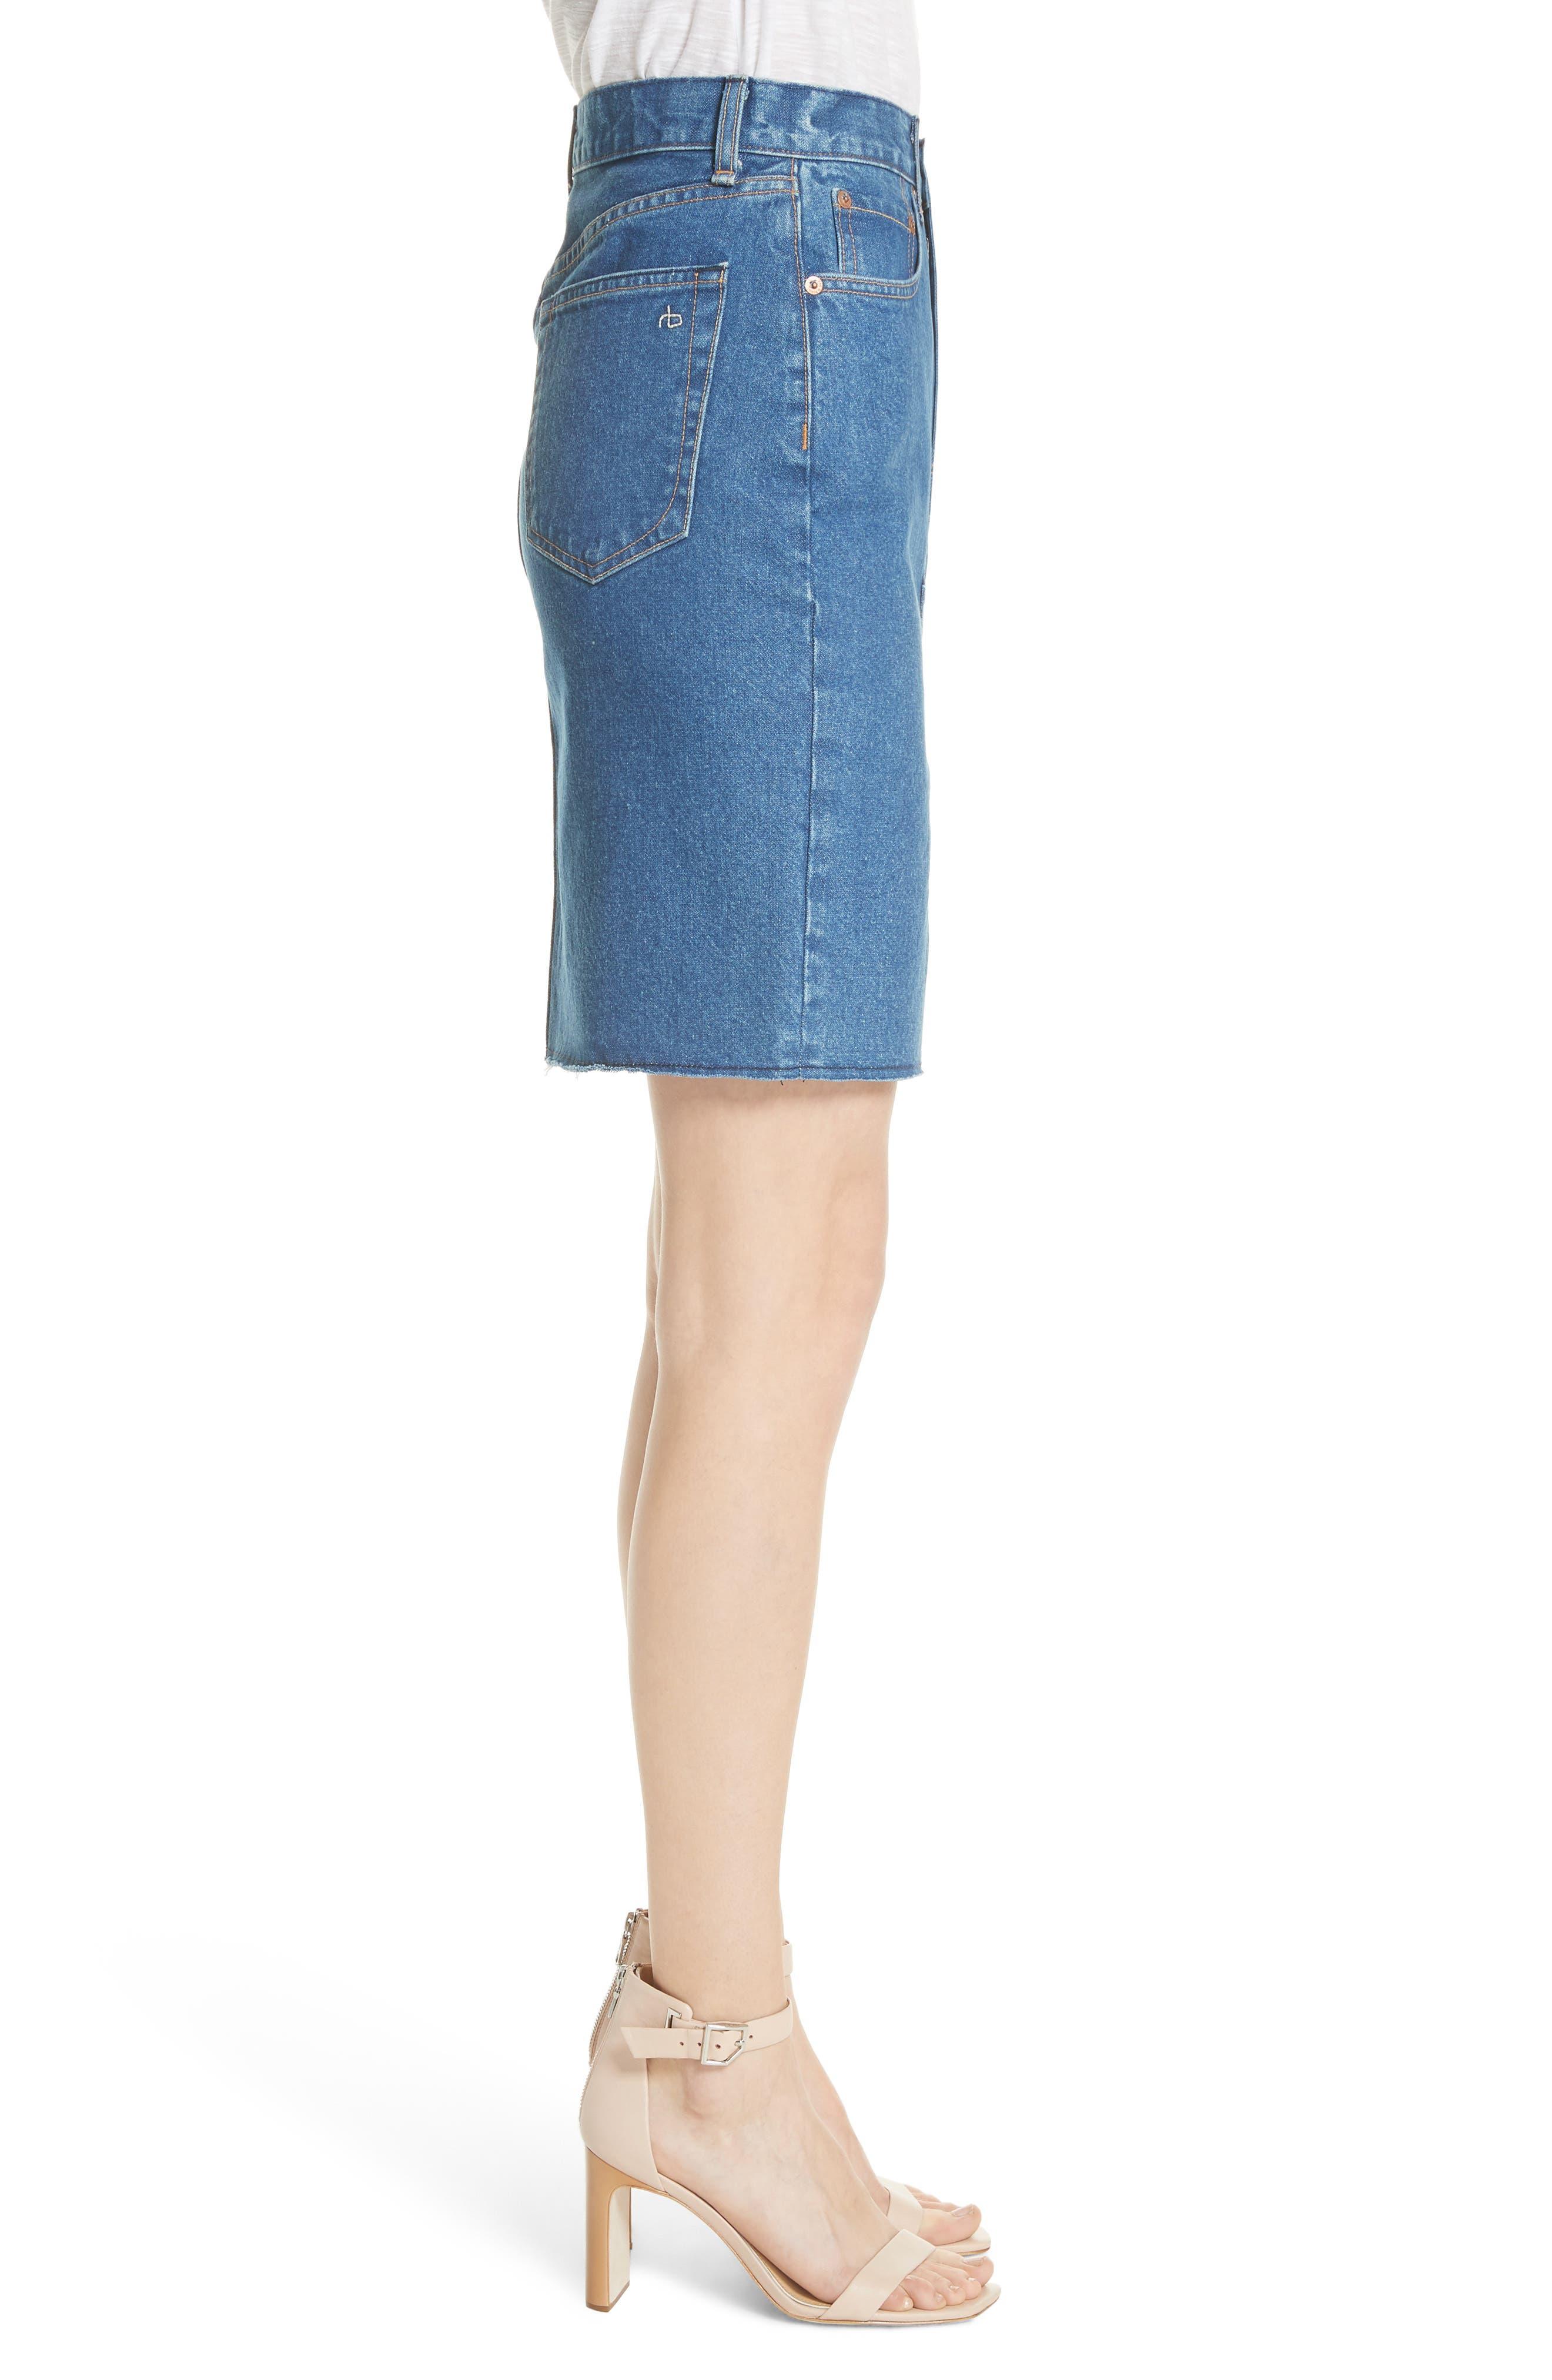 Suji Denim Skirt,                             Alternate thumbnail 3, color,                             401